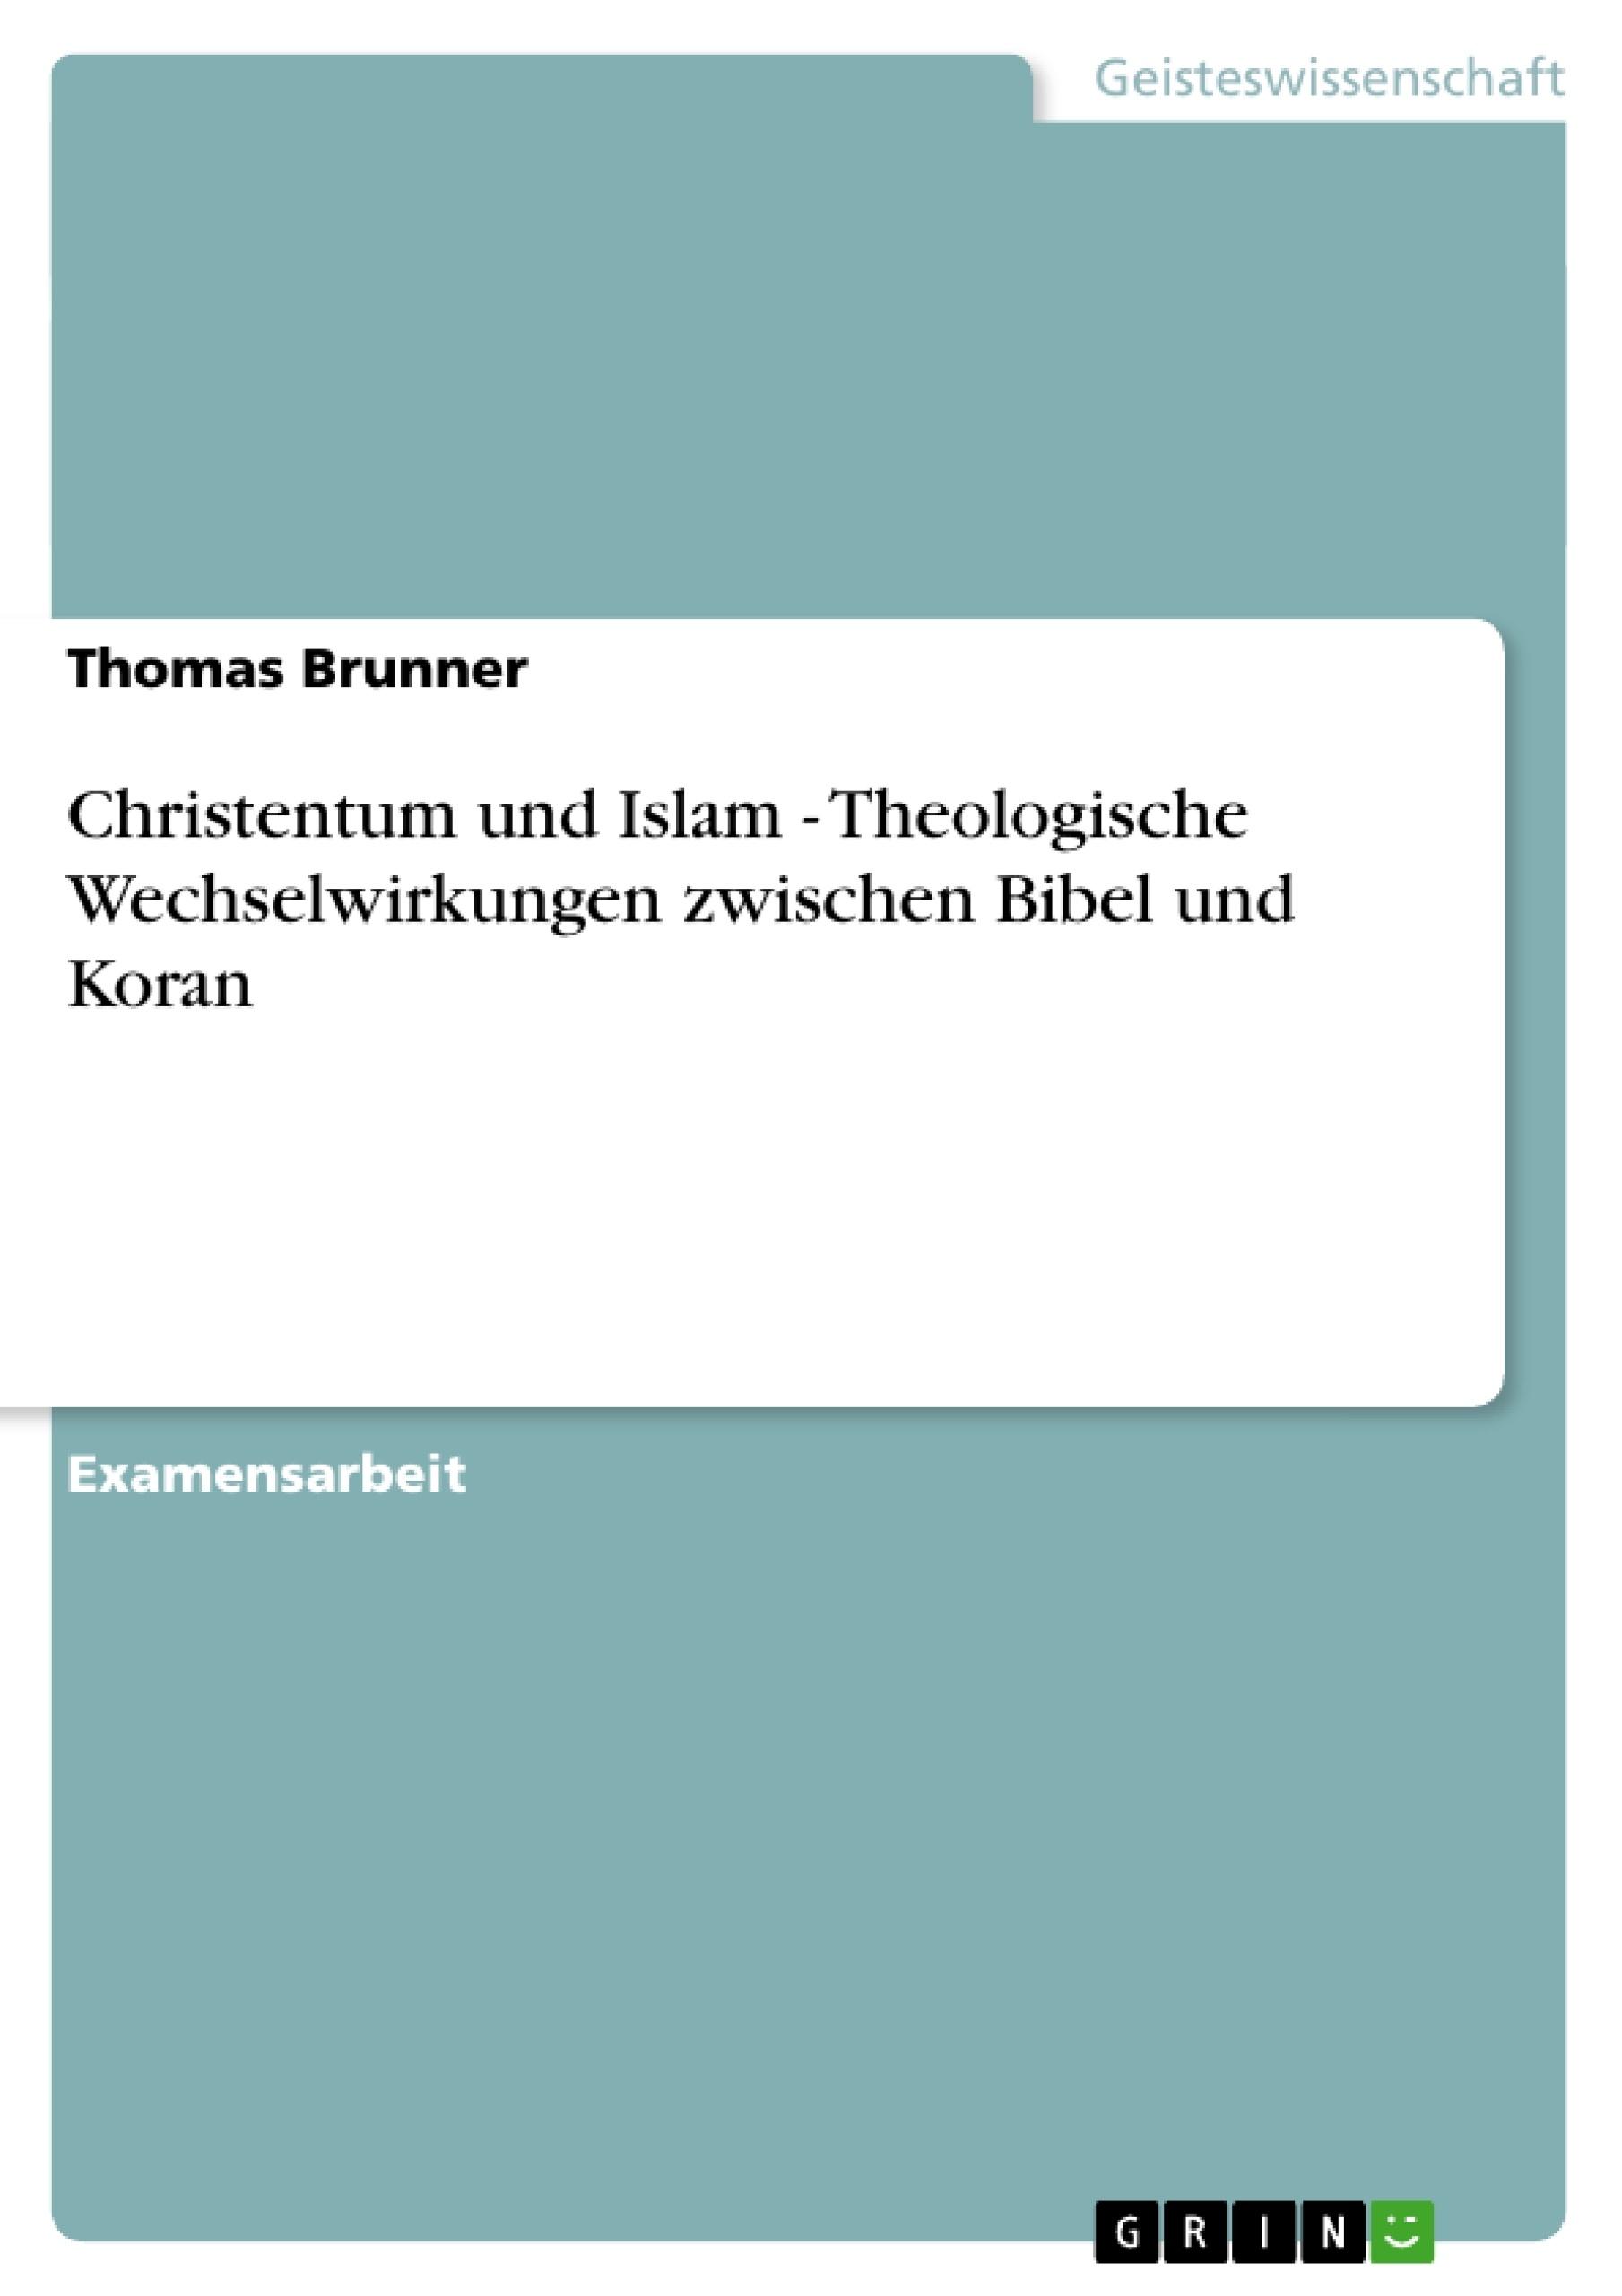 Titel: Christentum und Islam - Theologische Wechselwirkungen zwischen Bibel und Koran